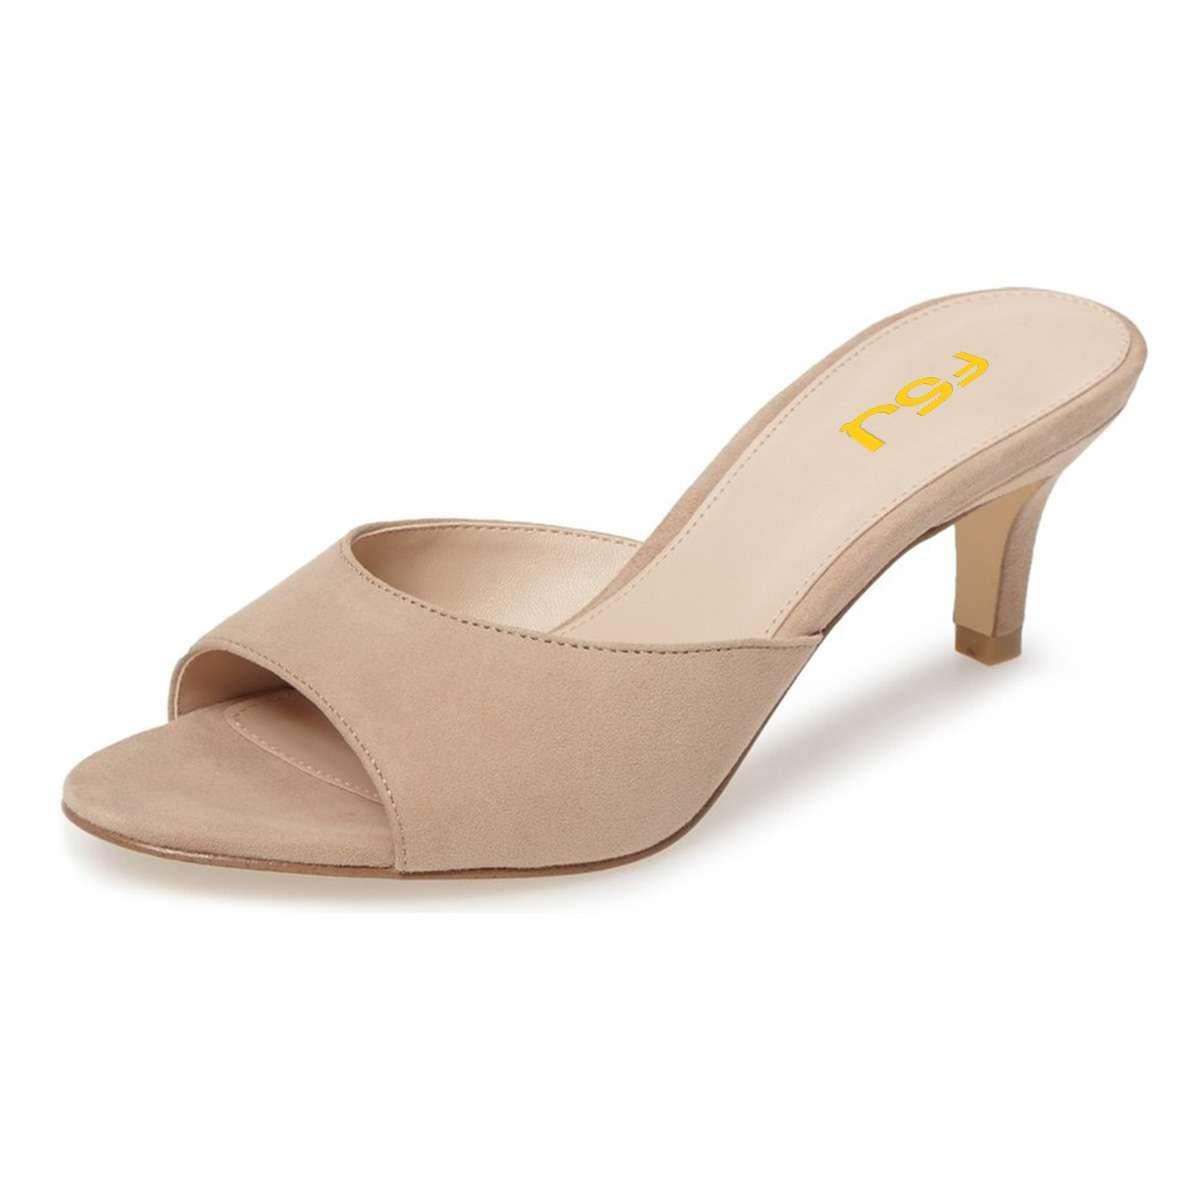 cc2efe419c855 FSJ Women Comfort Low Heel Mules Peep Toe Suede Sandals Slip On ...